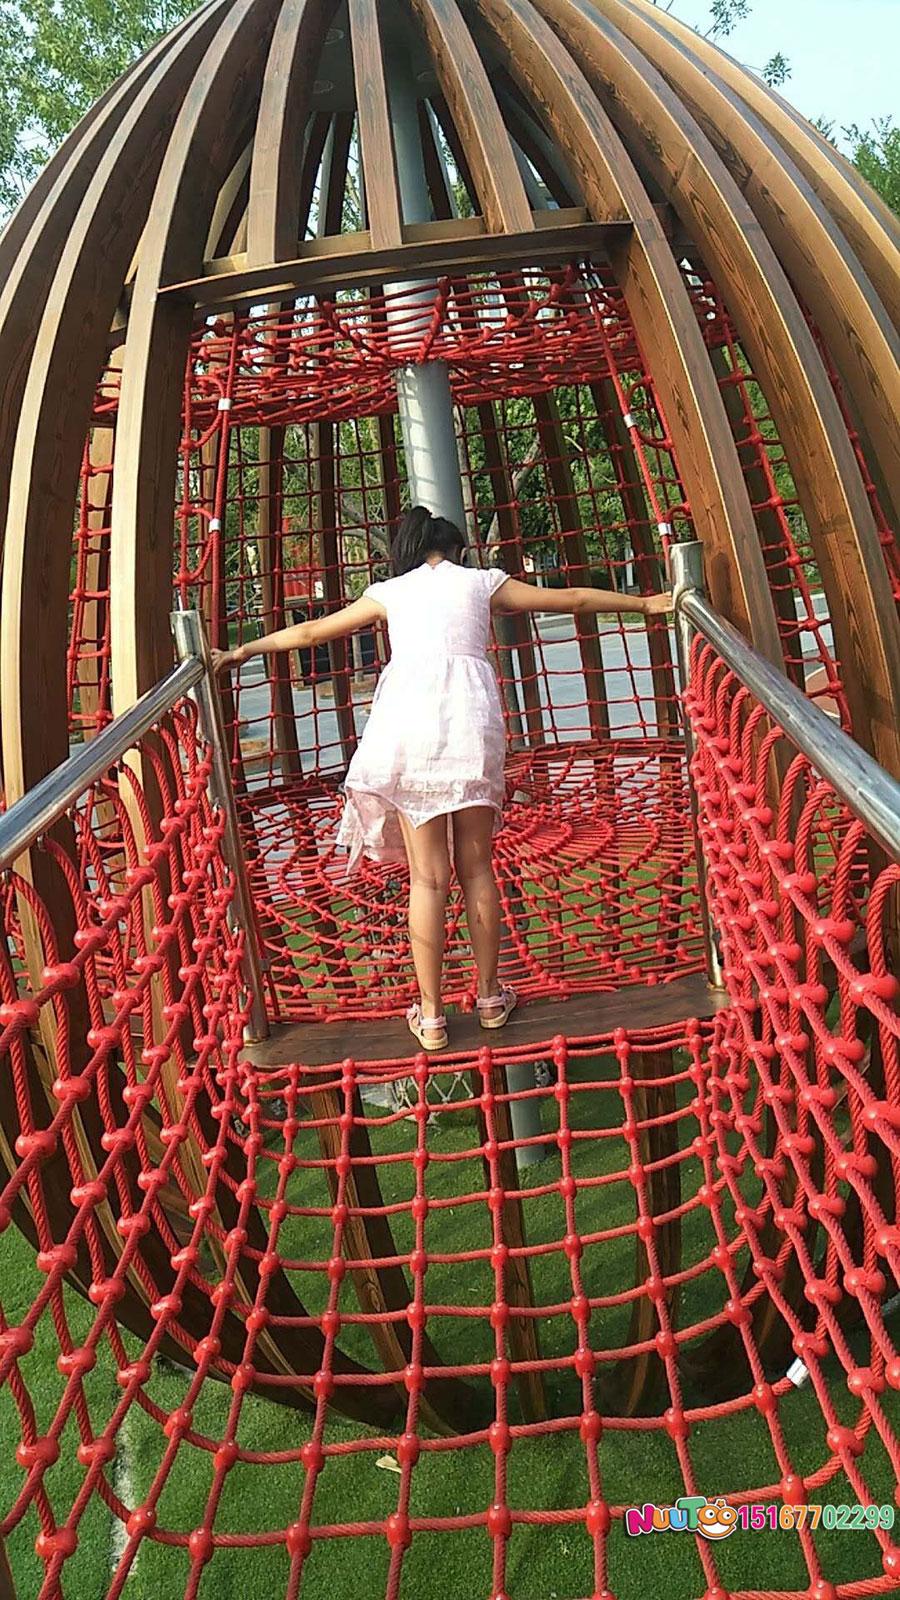 核桃乐园+非标游乐+组合滑梯+游乐设备-(27)